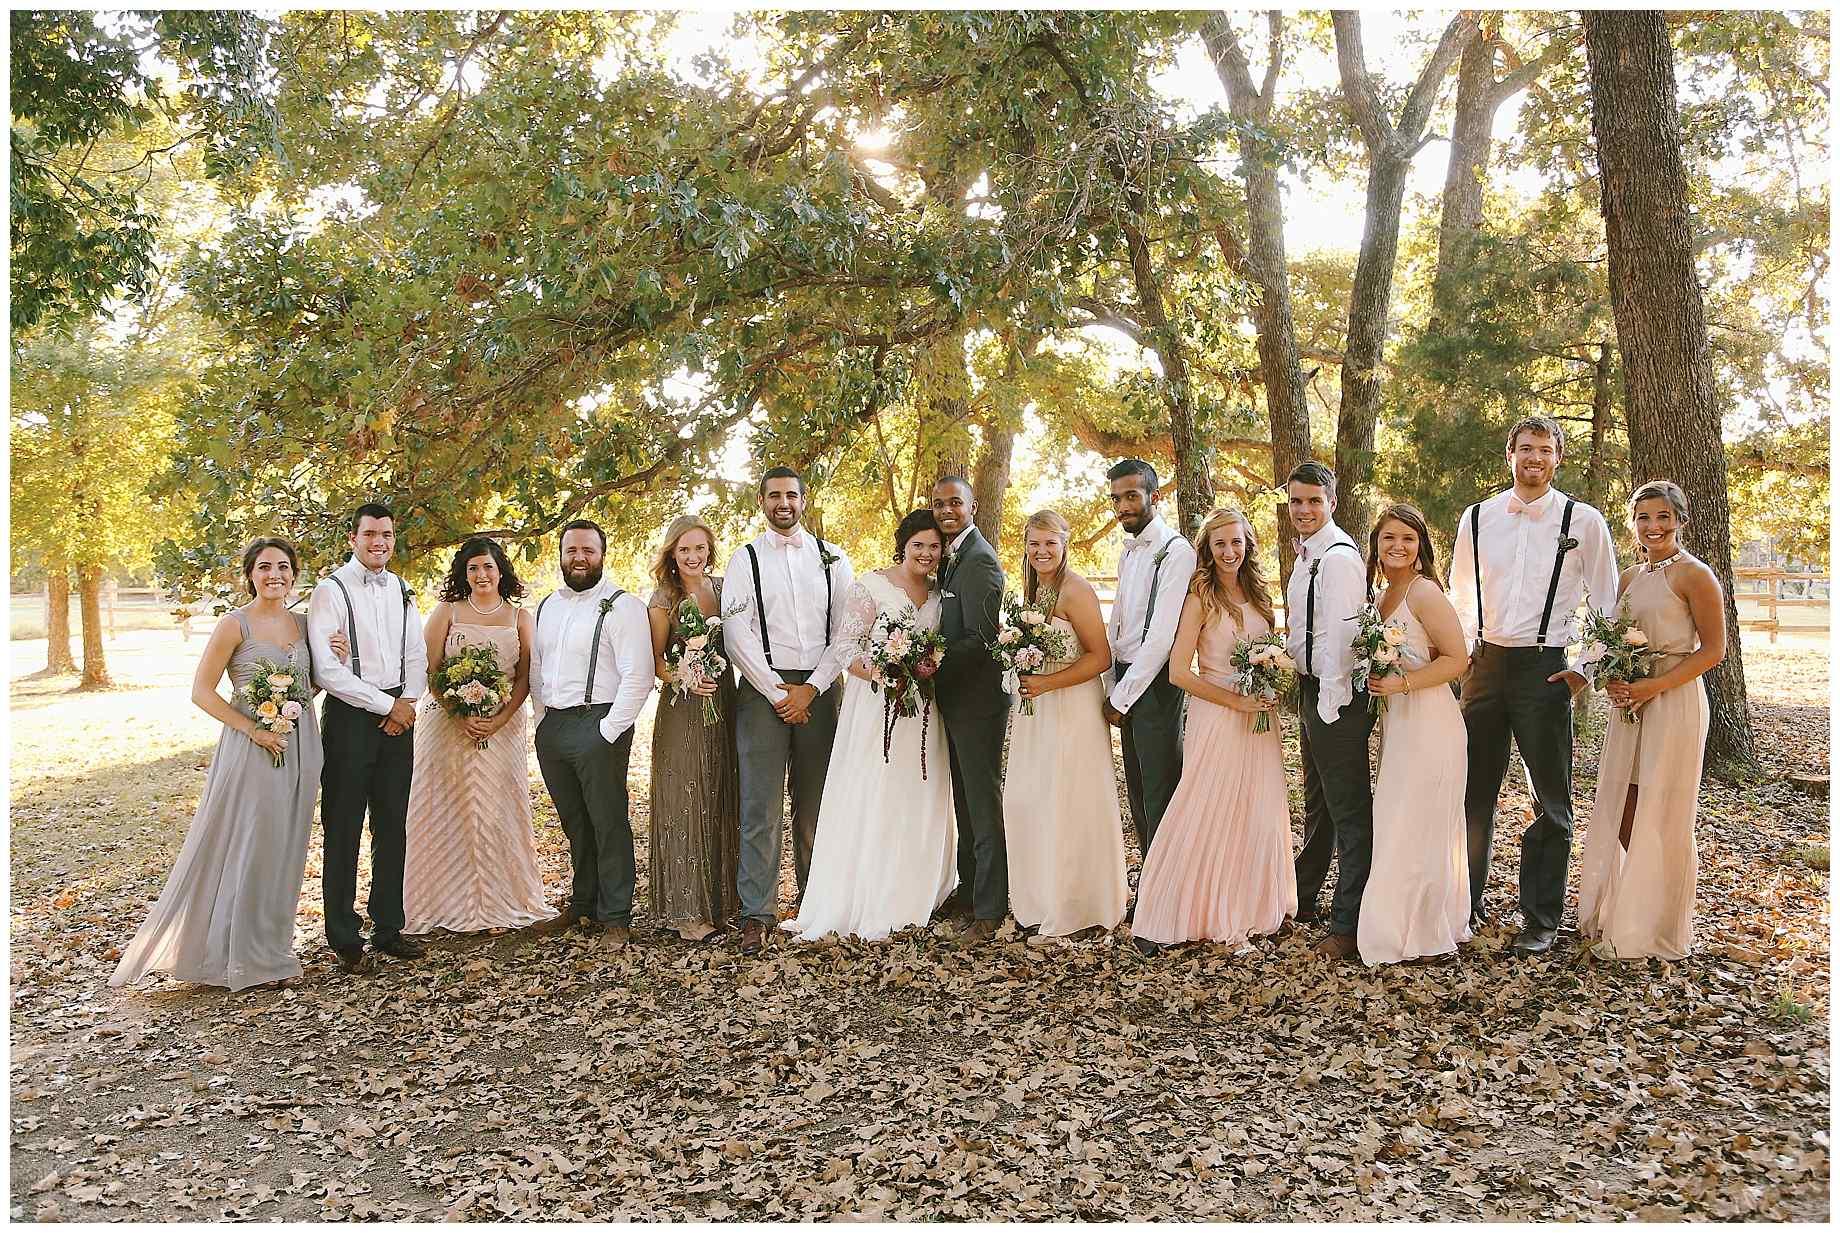 stone-oak-ranch-wedding-photos-26